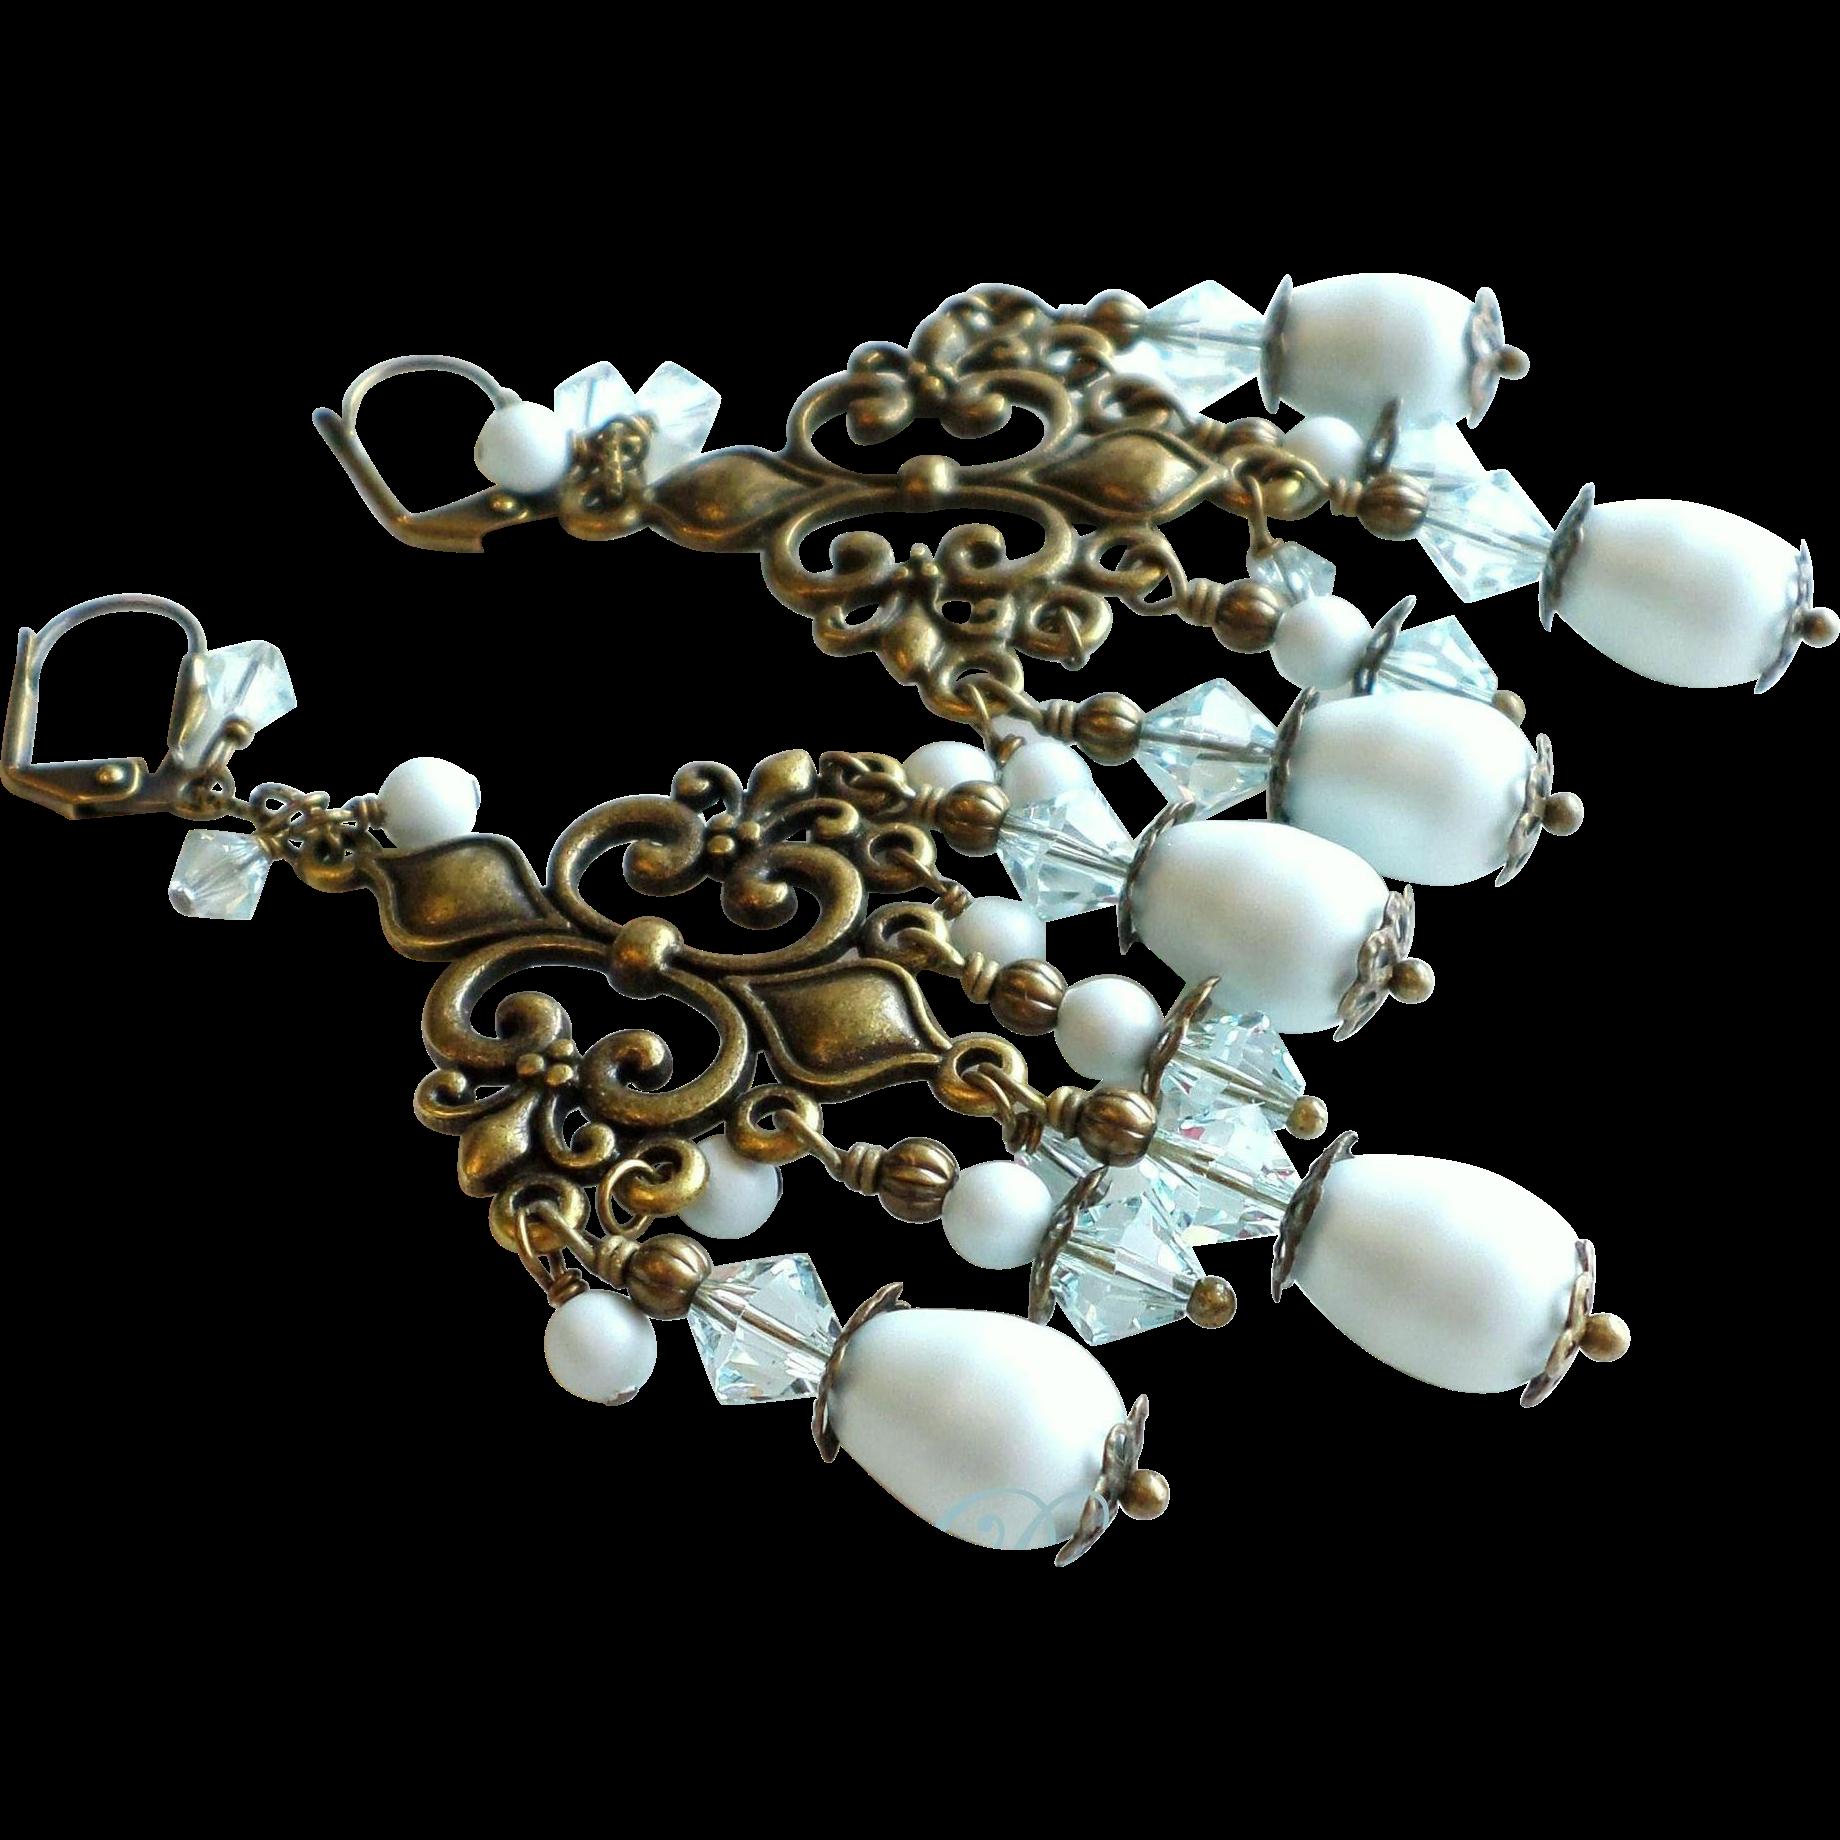 Pastel Blue Swarovski Faux Pearl Brass Chandelier Earrings